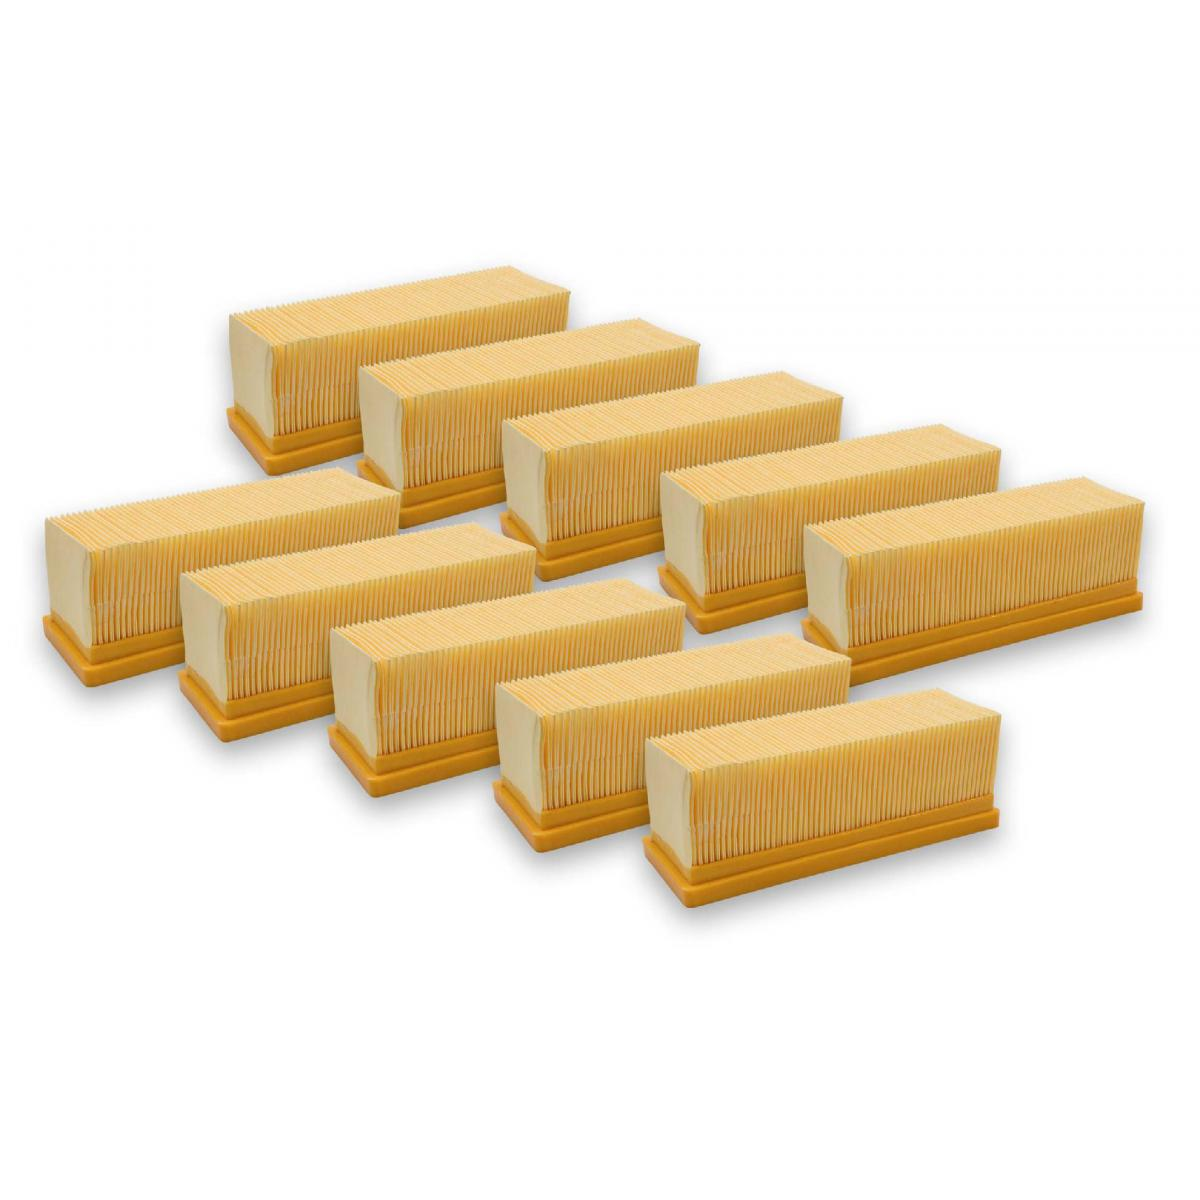 Vhbw vhbw 10x filtre à plis plats compatible aspirateur multifonction Kärcher SE 5.100, SE 6.100, A2701, A2801 Plus, SE 3001,